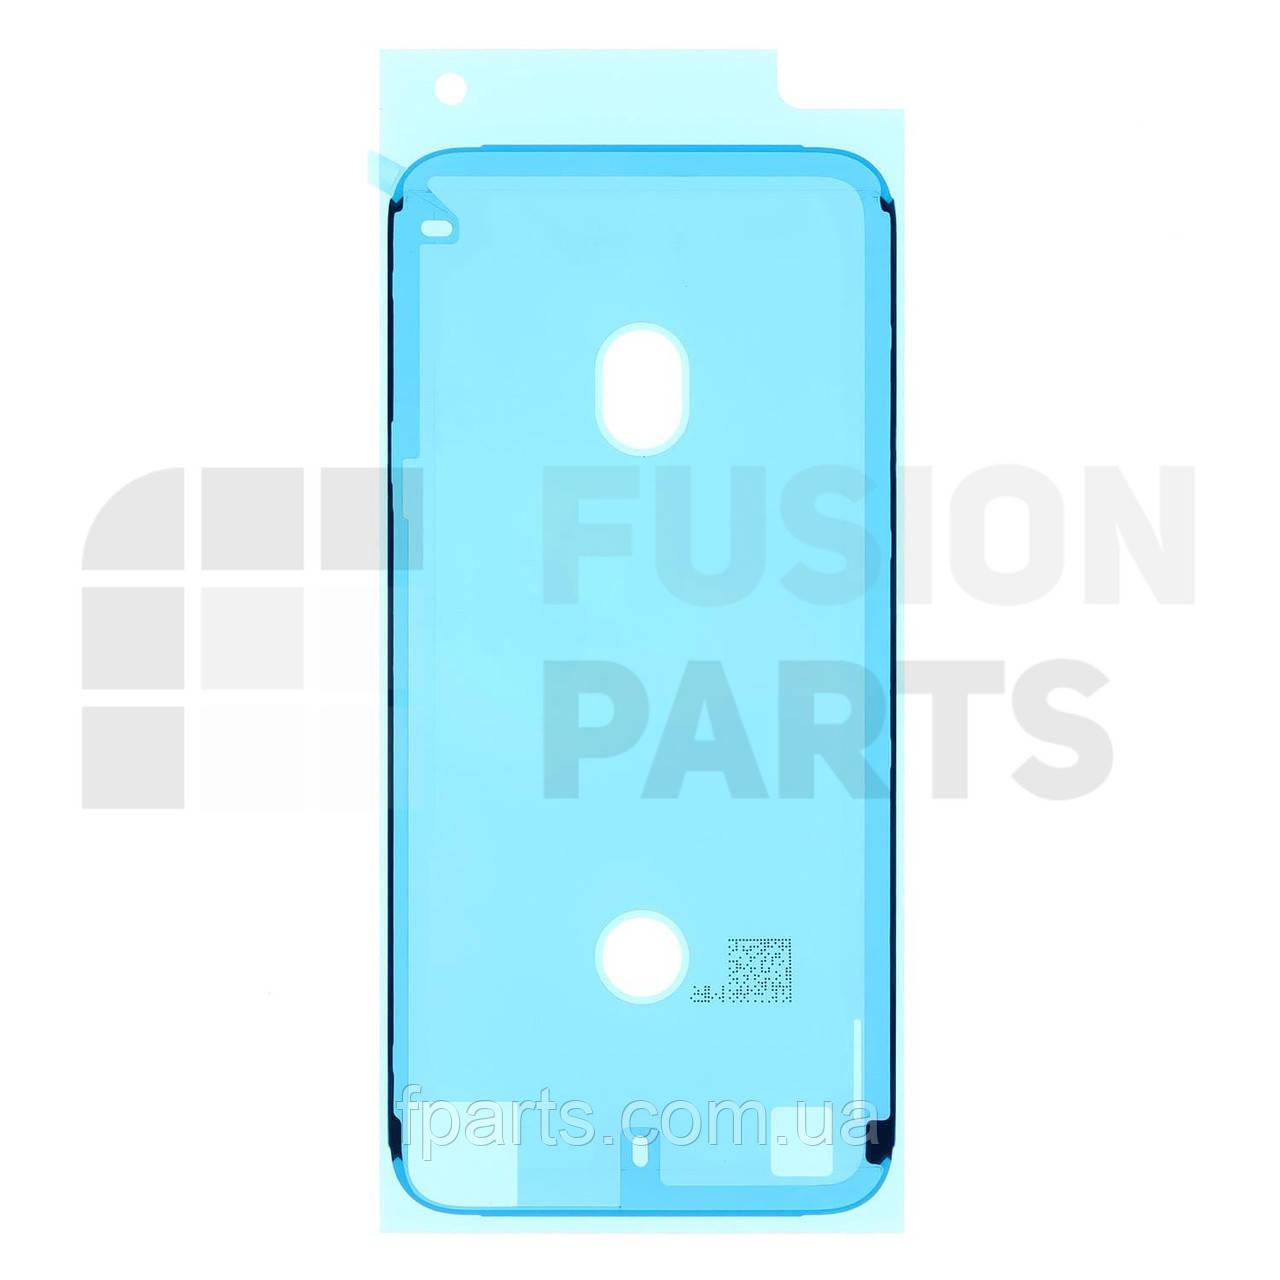 Резиновая проклейка дисплея iPhone 8 (White)